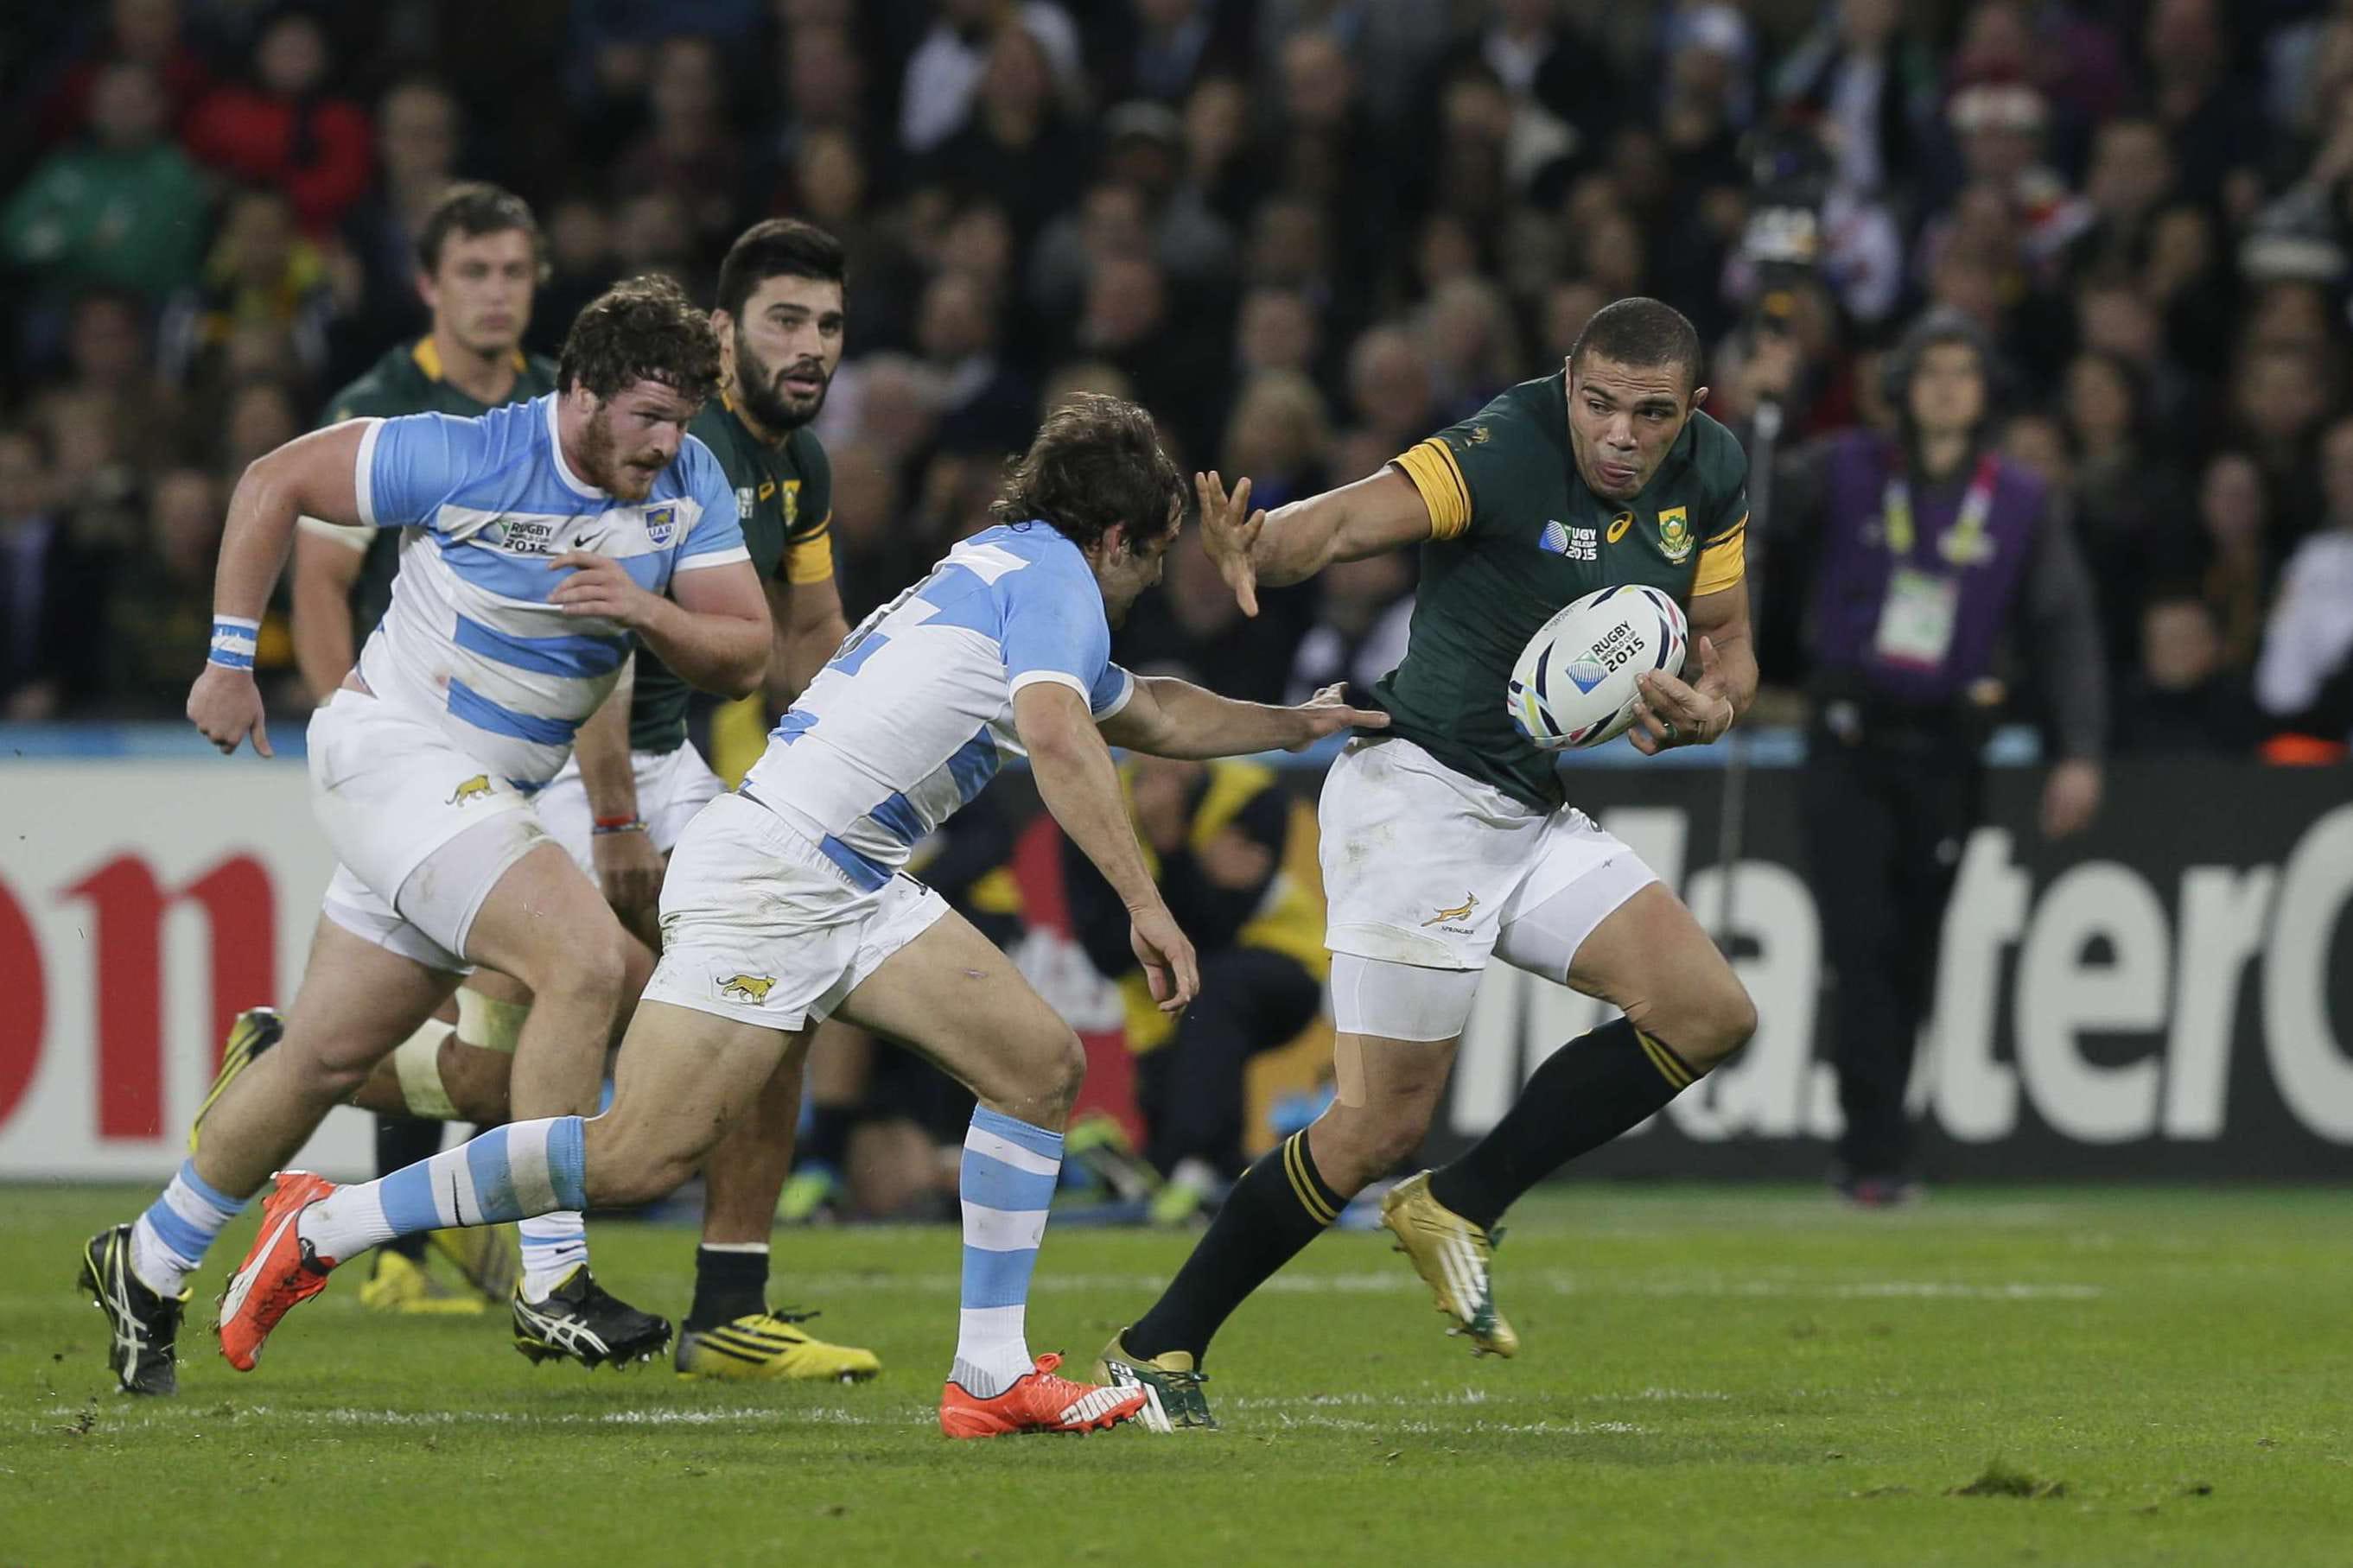 Coupe du monde de rugby image 100 - Coupe du monde rugby afrique du sud ...